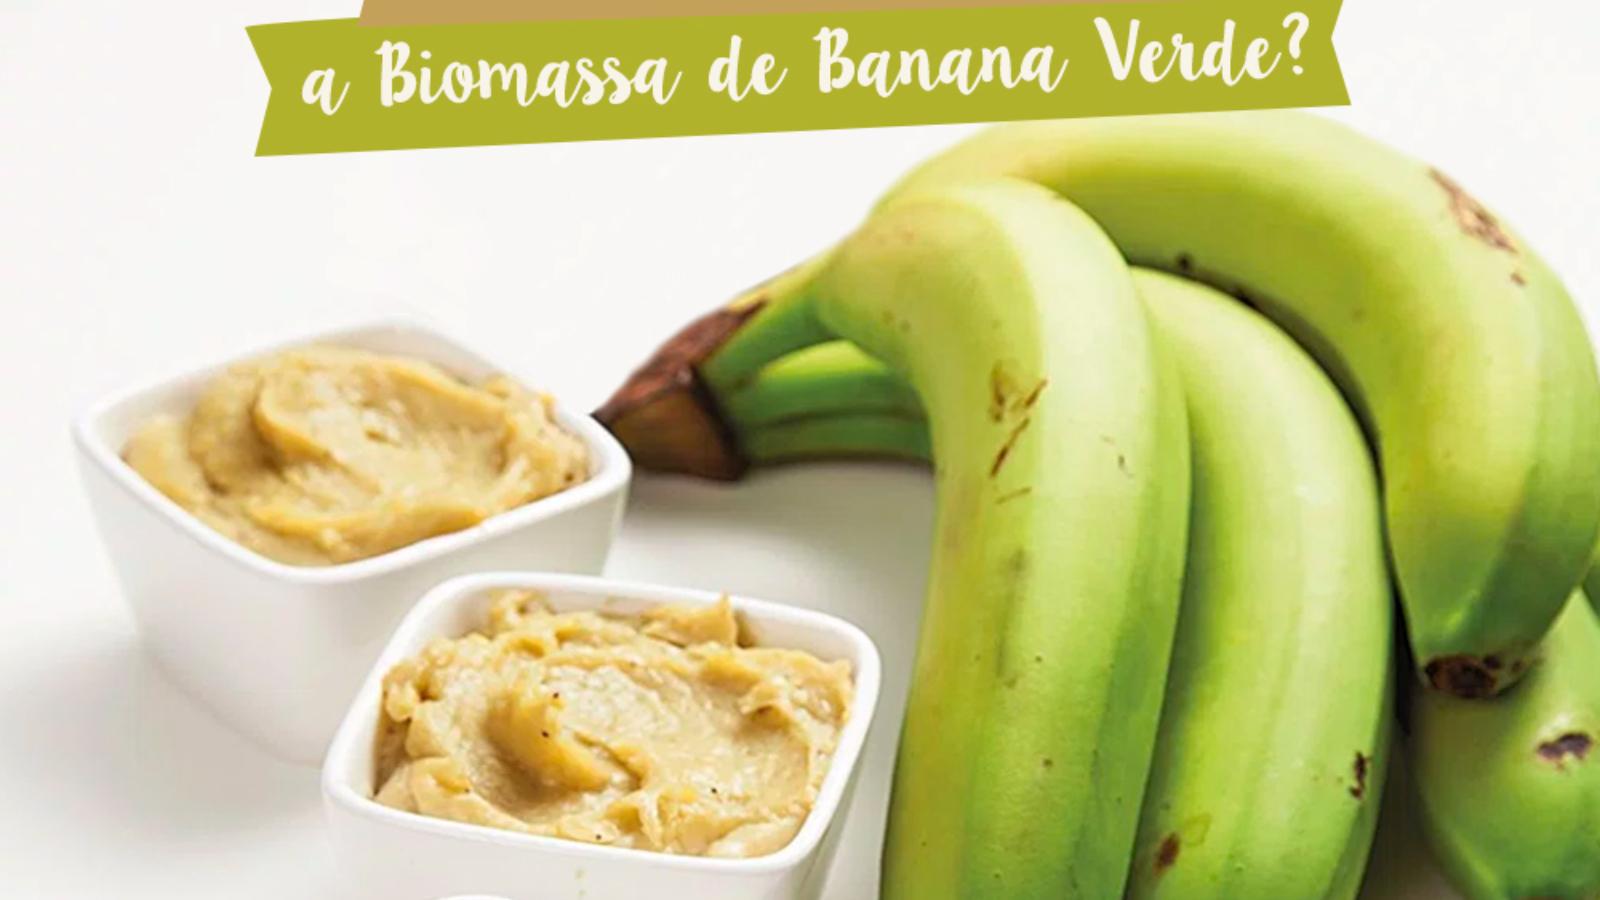 Como Utilizar no dia-a-dia a Biomassa de Banana Verde